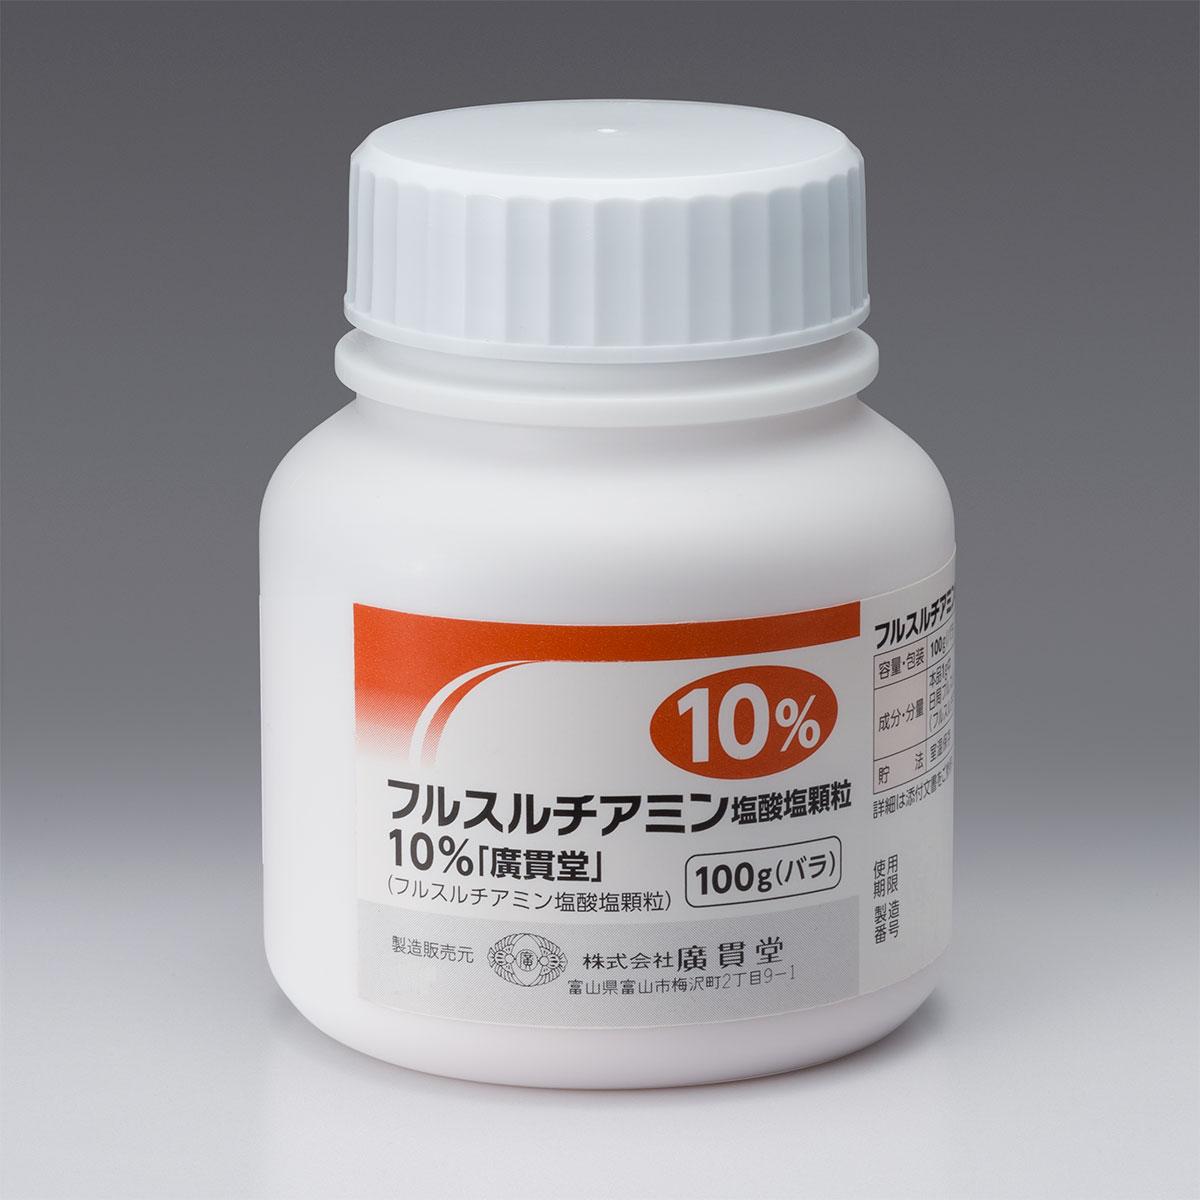 フルスルチアミン塩酸塩顆粒10%...